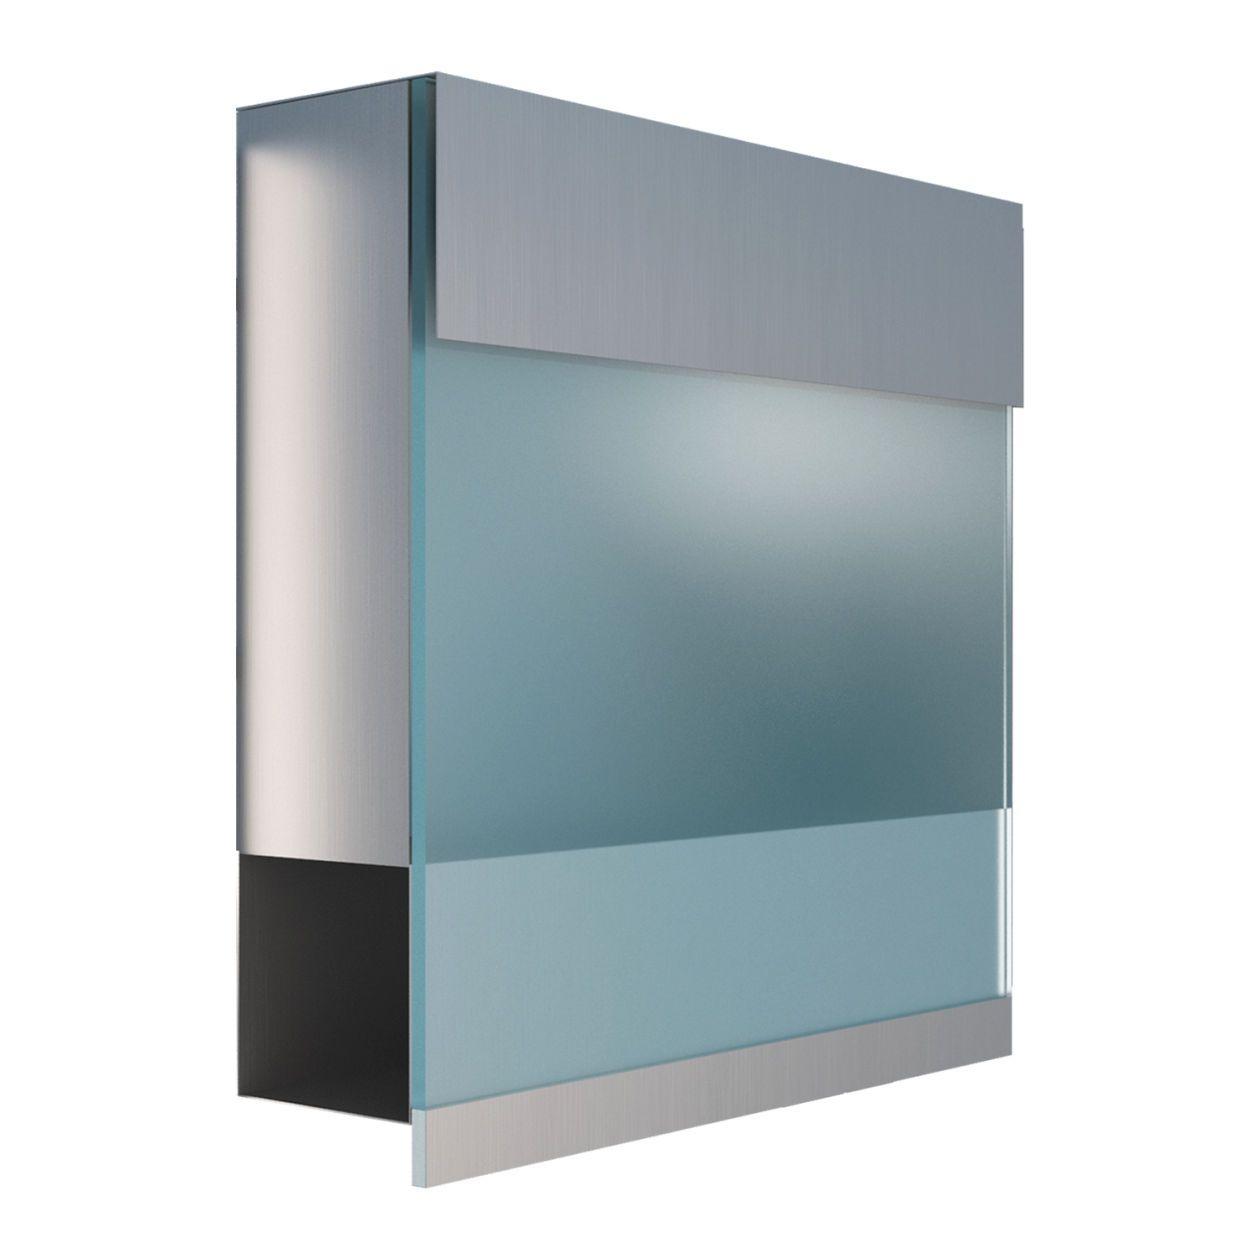 Briefkasten Manhattan Special Blue Edelstahl Mit Blauer Acrylplatte Briefkasten Design Briefkasten Kasten